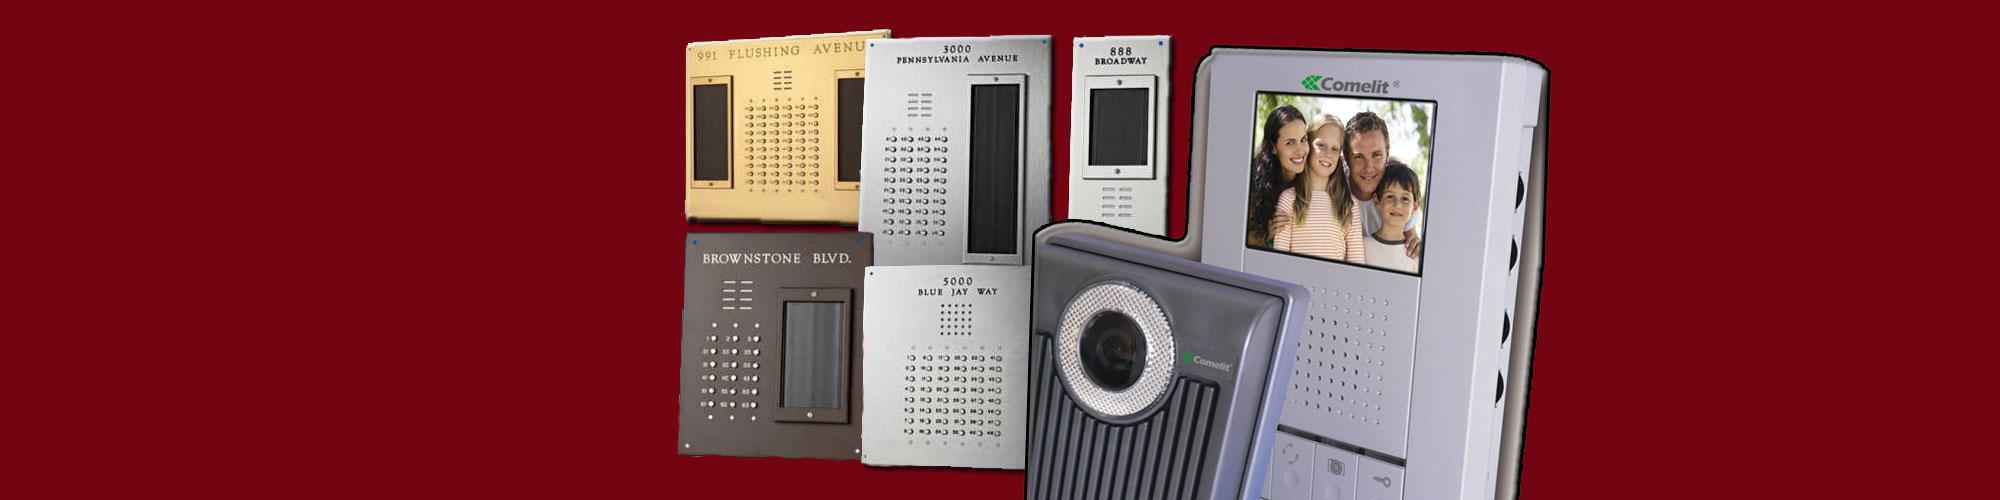 Intercom Units and Panels